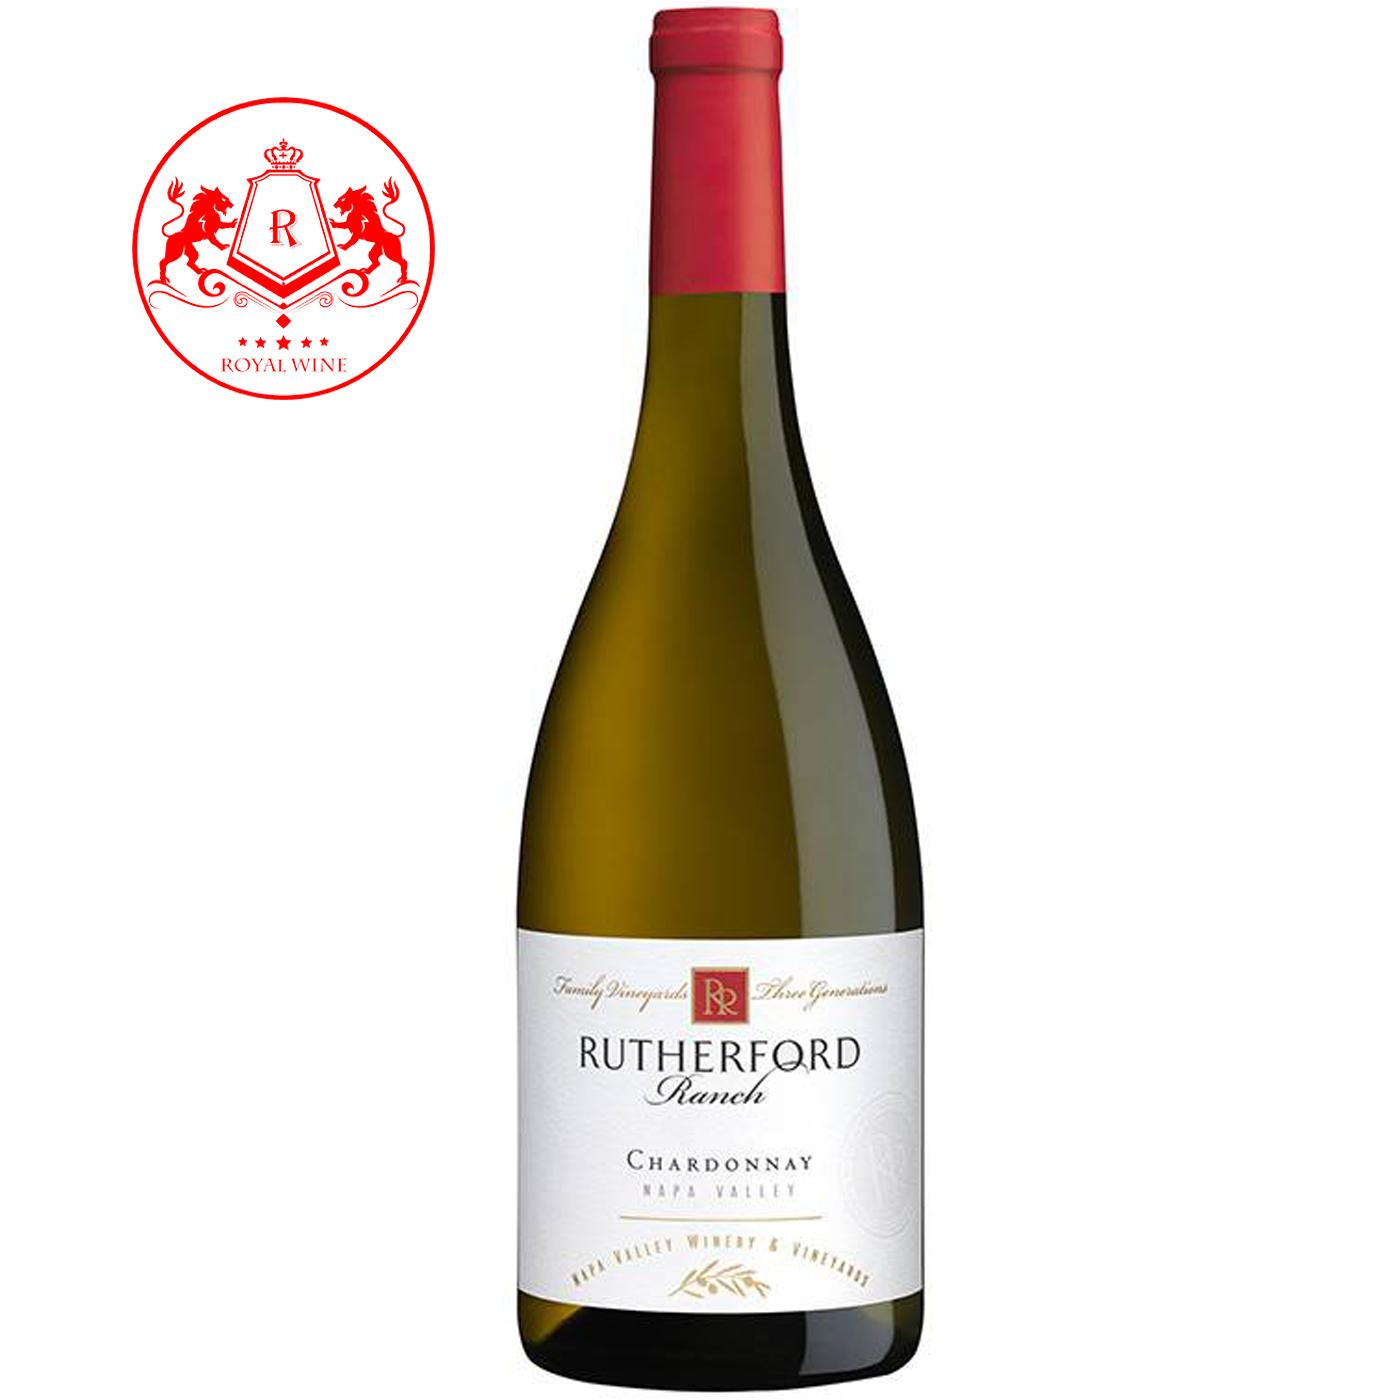 Rượu vang RUTHERFORD Ranch Chardonnay